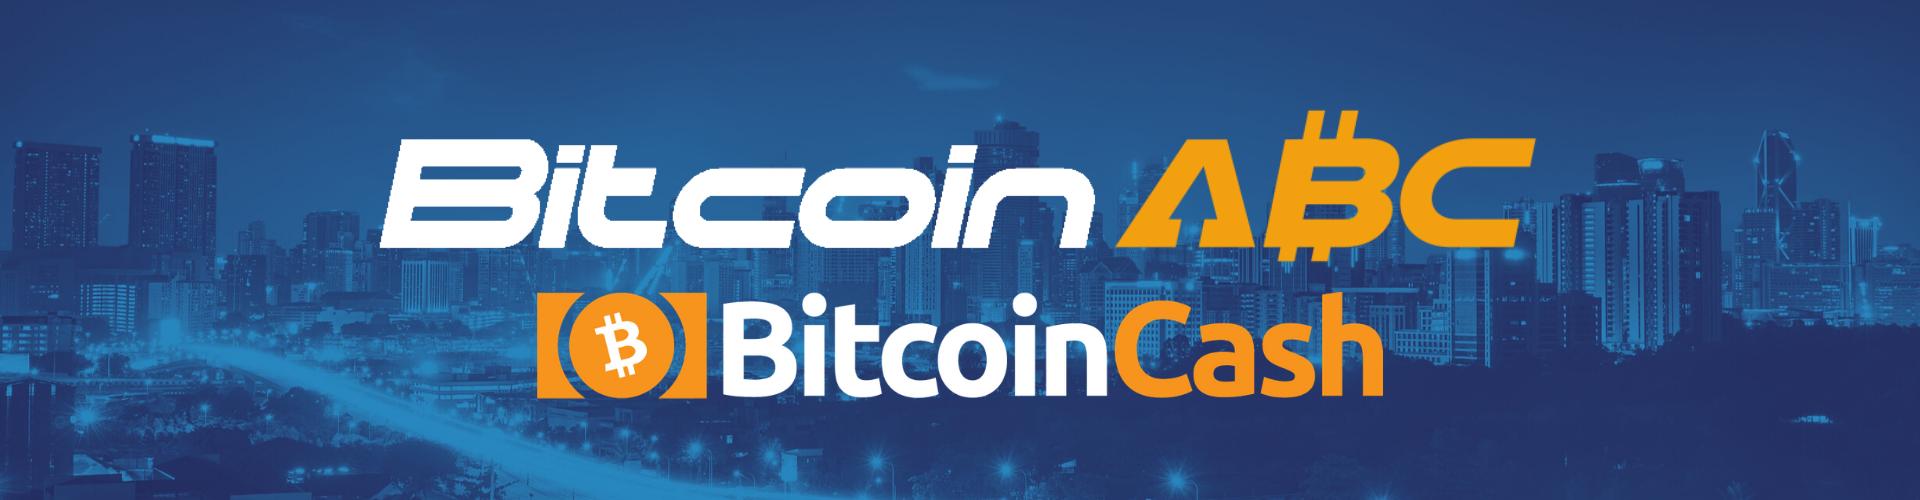 Bitcoin ABC (Bitcoin Cash)